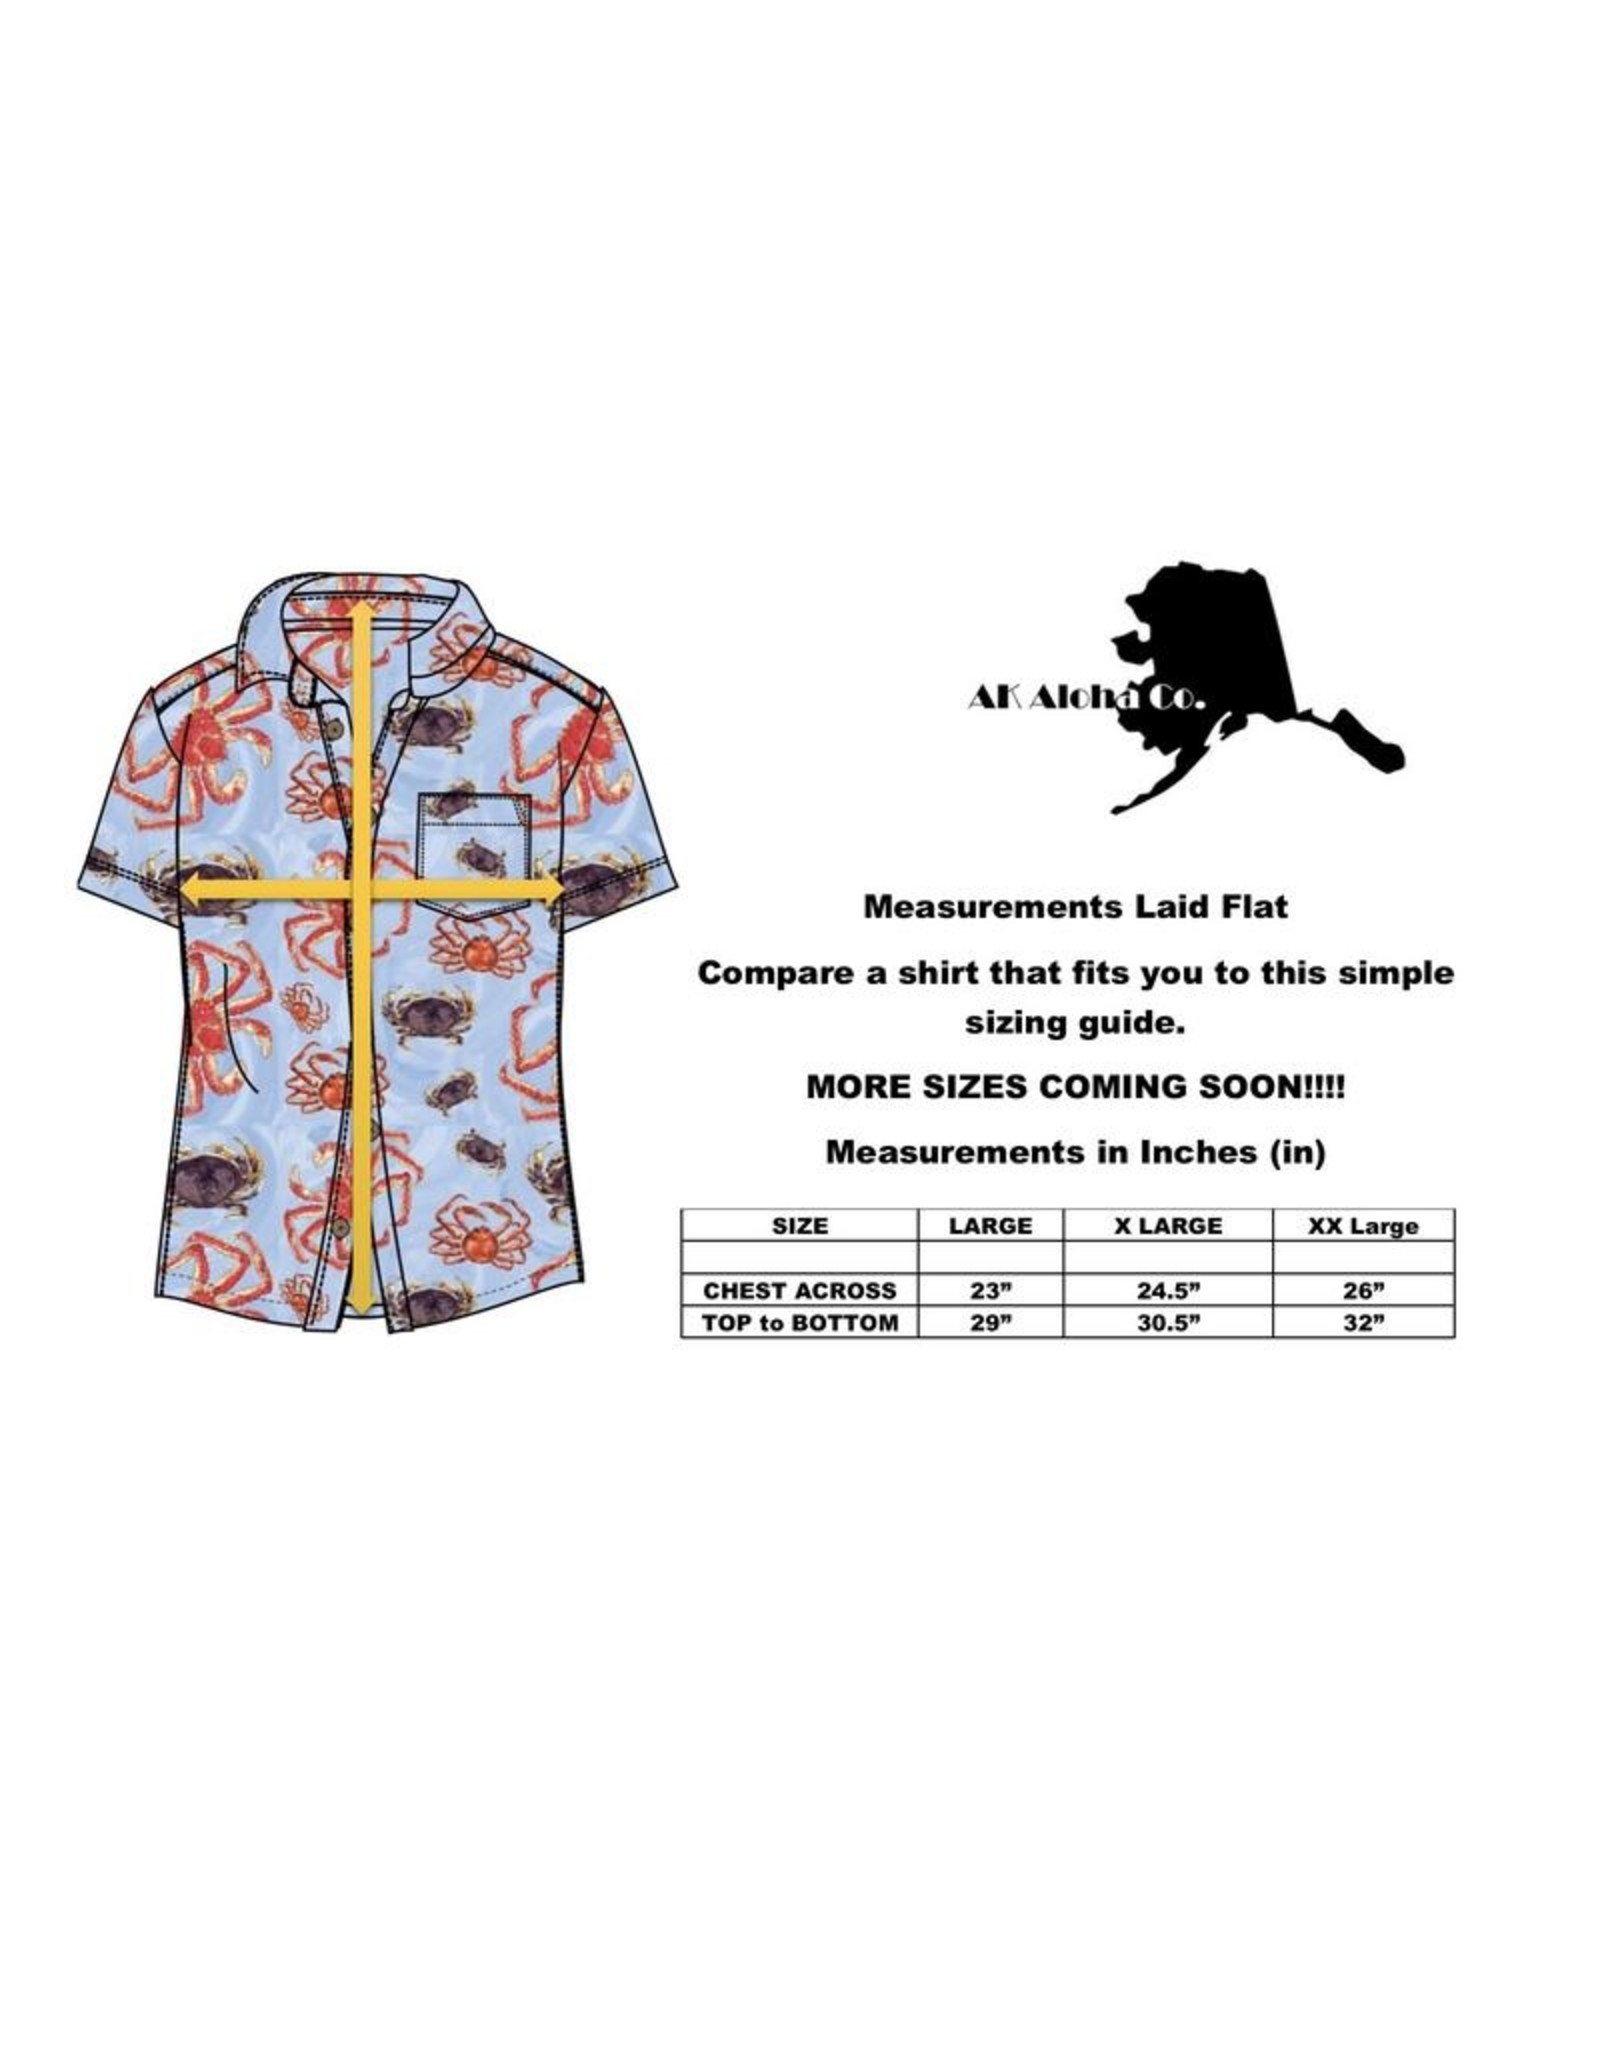 AK Aloha Hooks | AK Aloha Co. Shirt